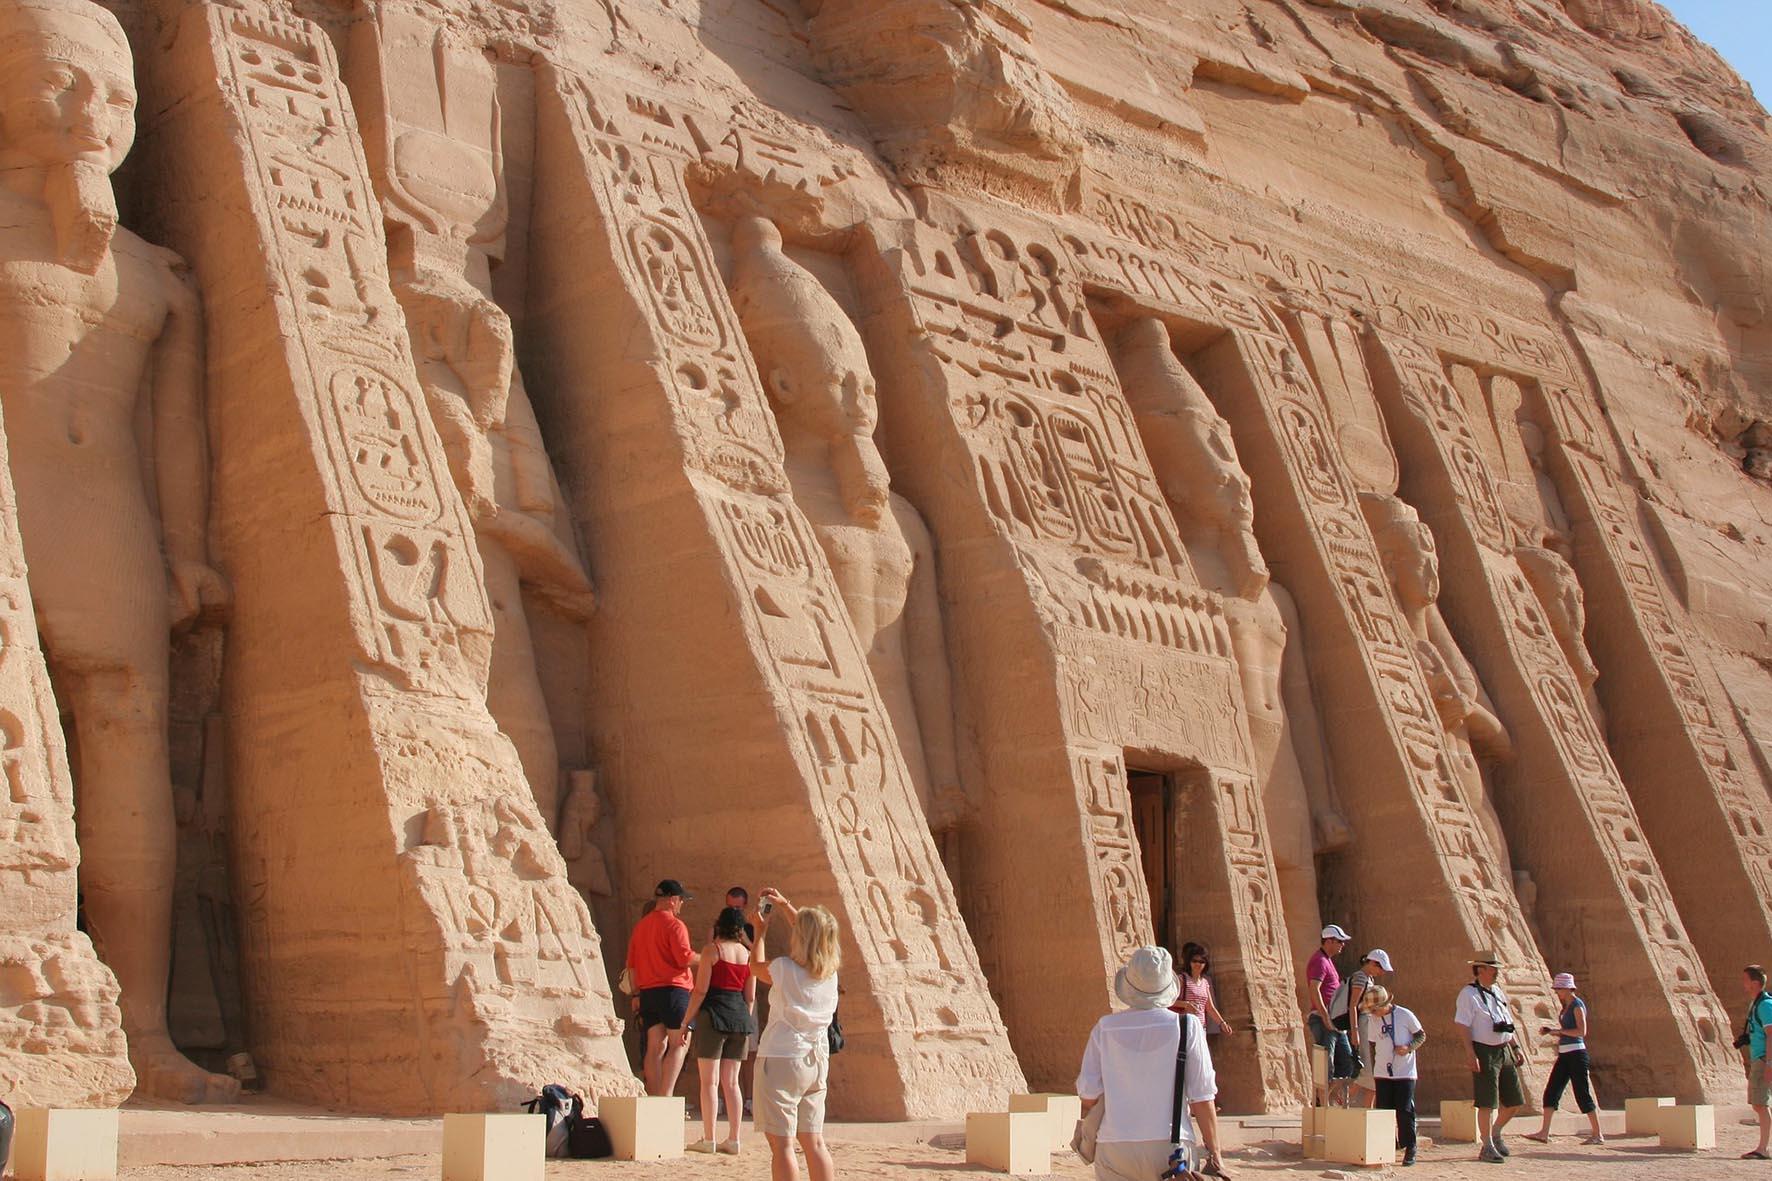 La intangibilidad en patrimonio cultural - UMA formación, tutoriales GRATIS y cursos sobre patrimonio cultural